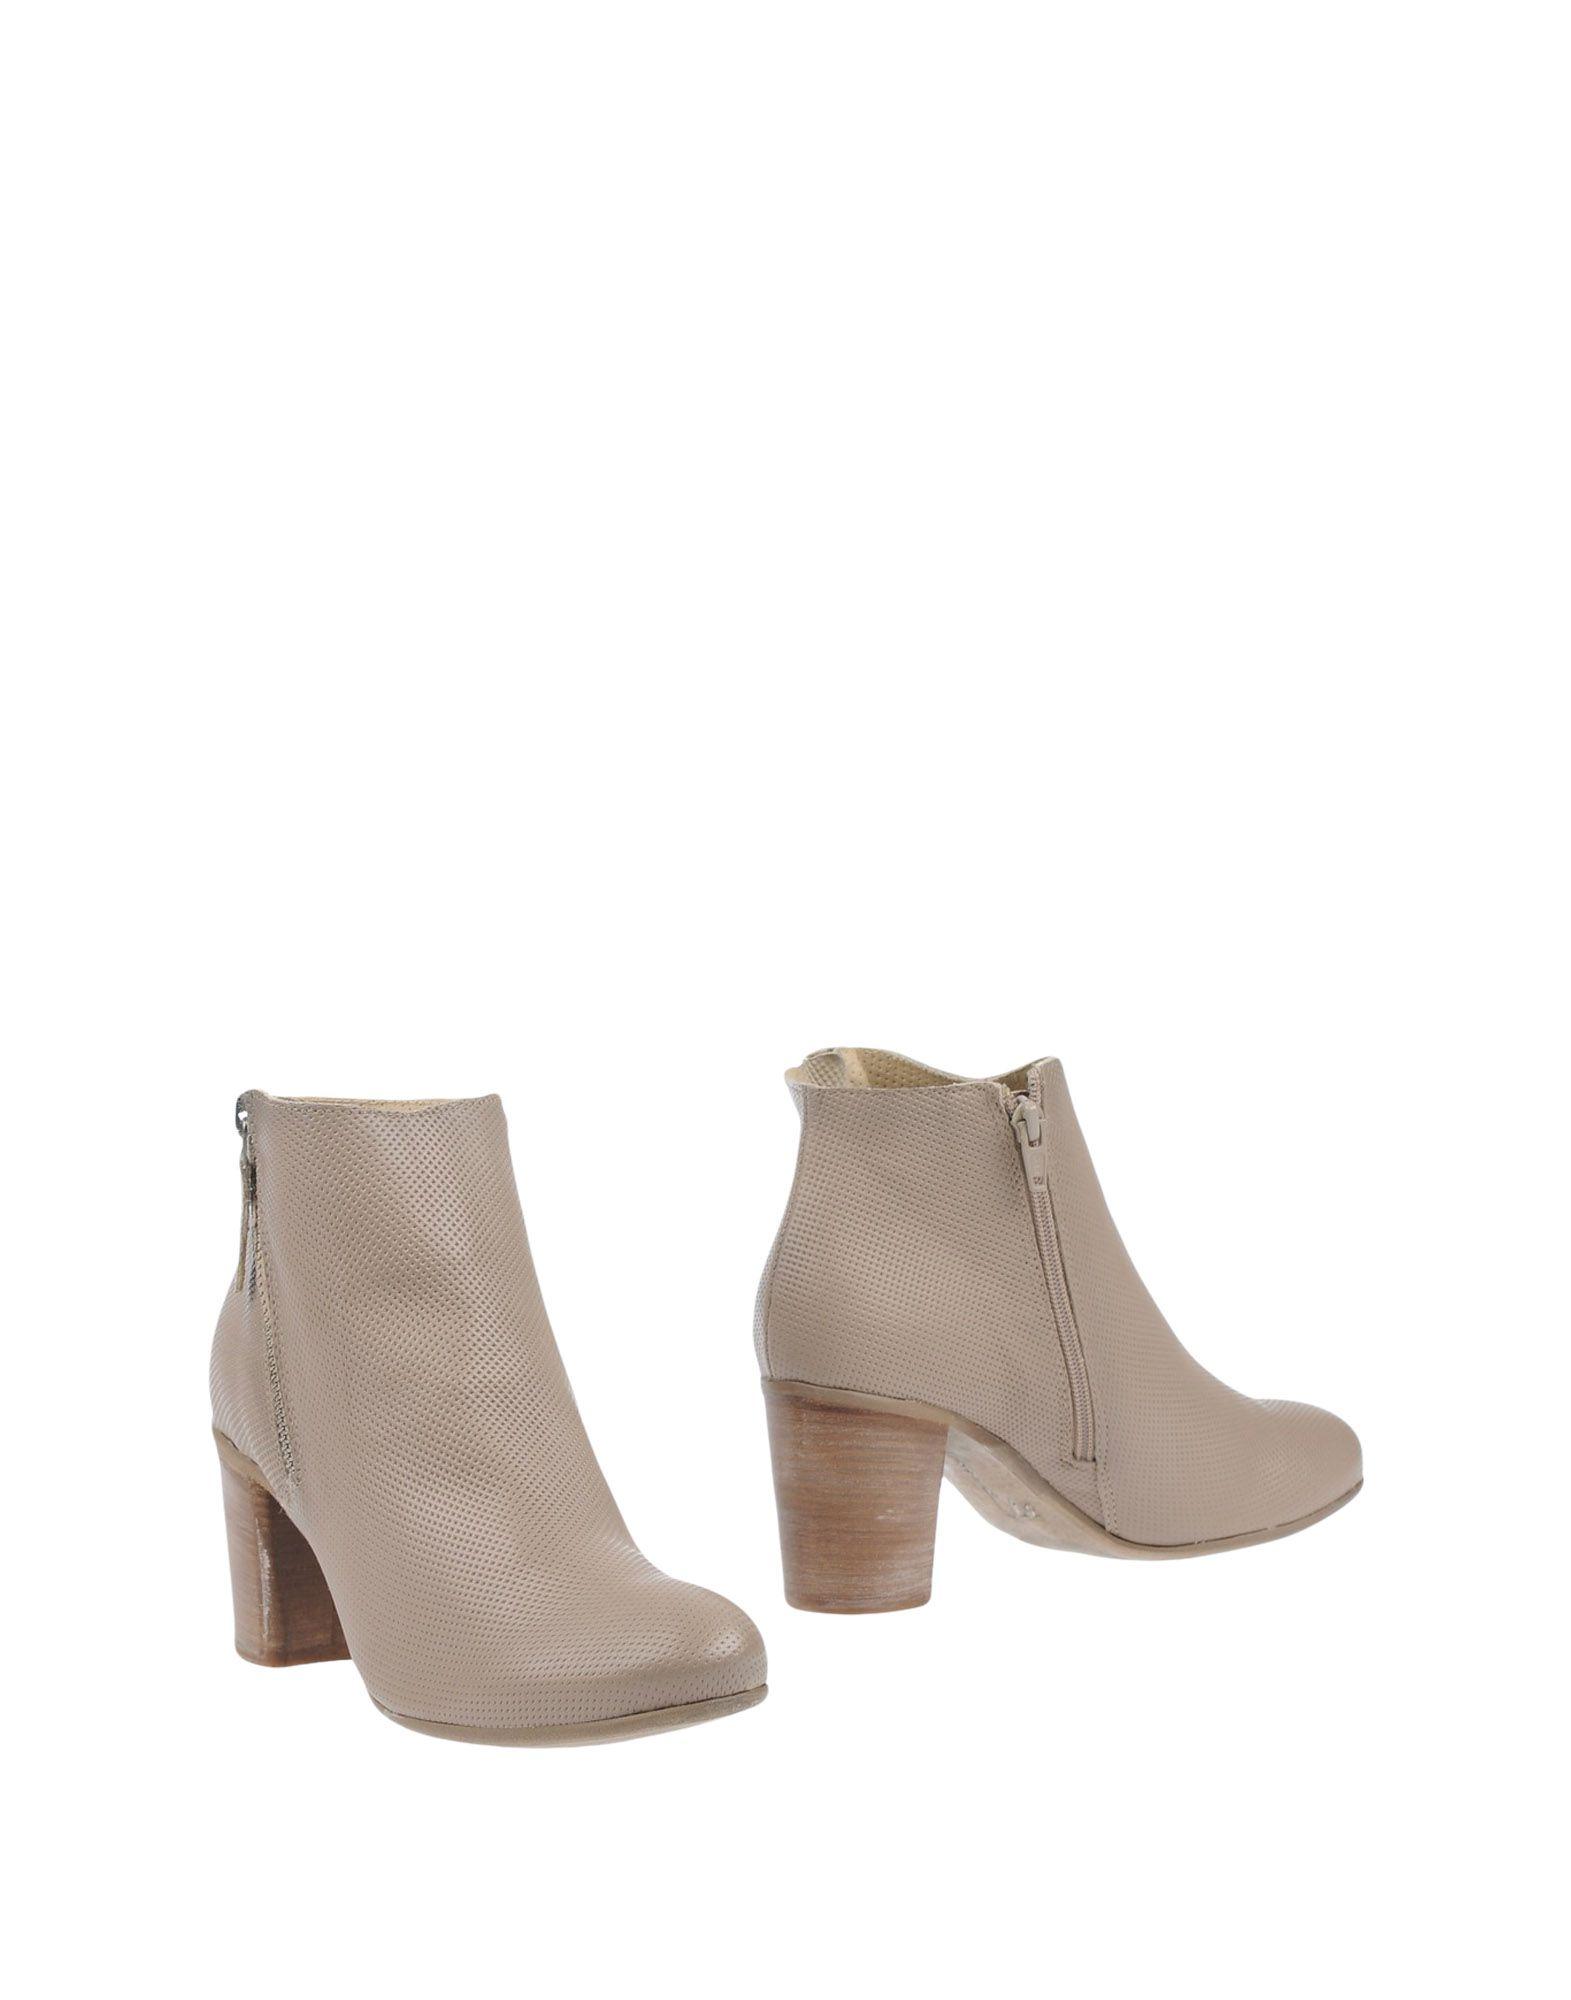 Manas Ankle Ankle Boot - Women Manas Ankle Ankle Boots online on  United Kingdom - 44931190SA 45b05e